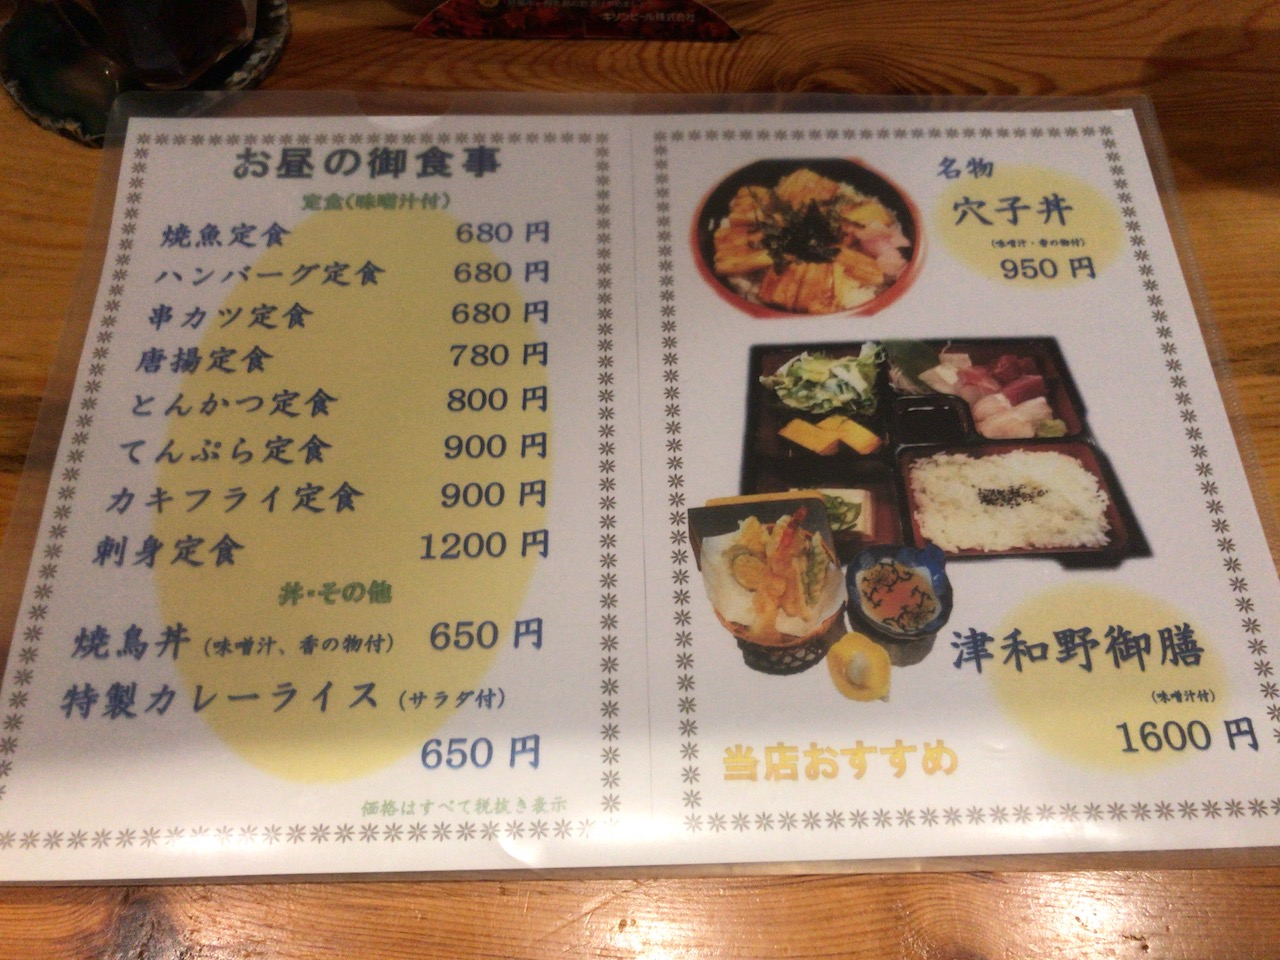 姫路駅前のおみぞ筋商店街「津和野」で食べた唐揚げランチがおもしろい!